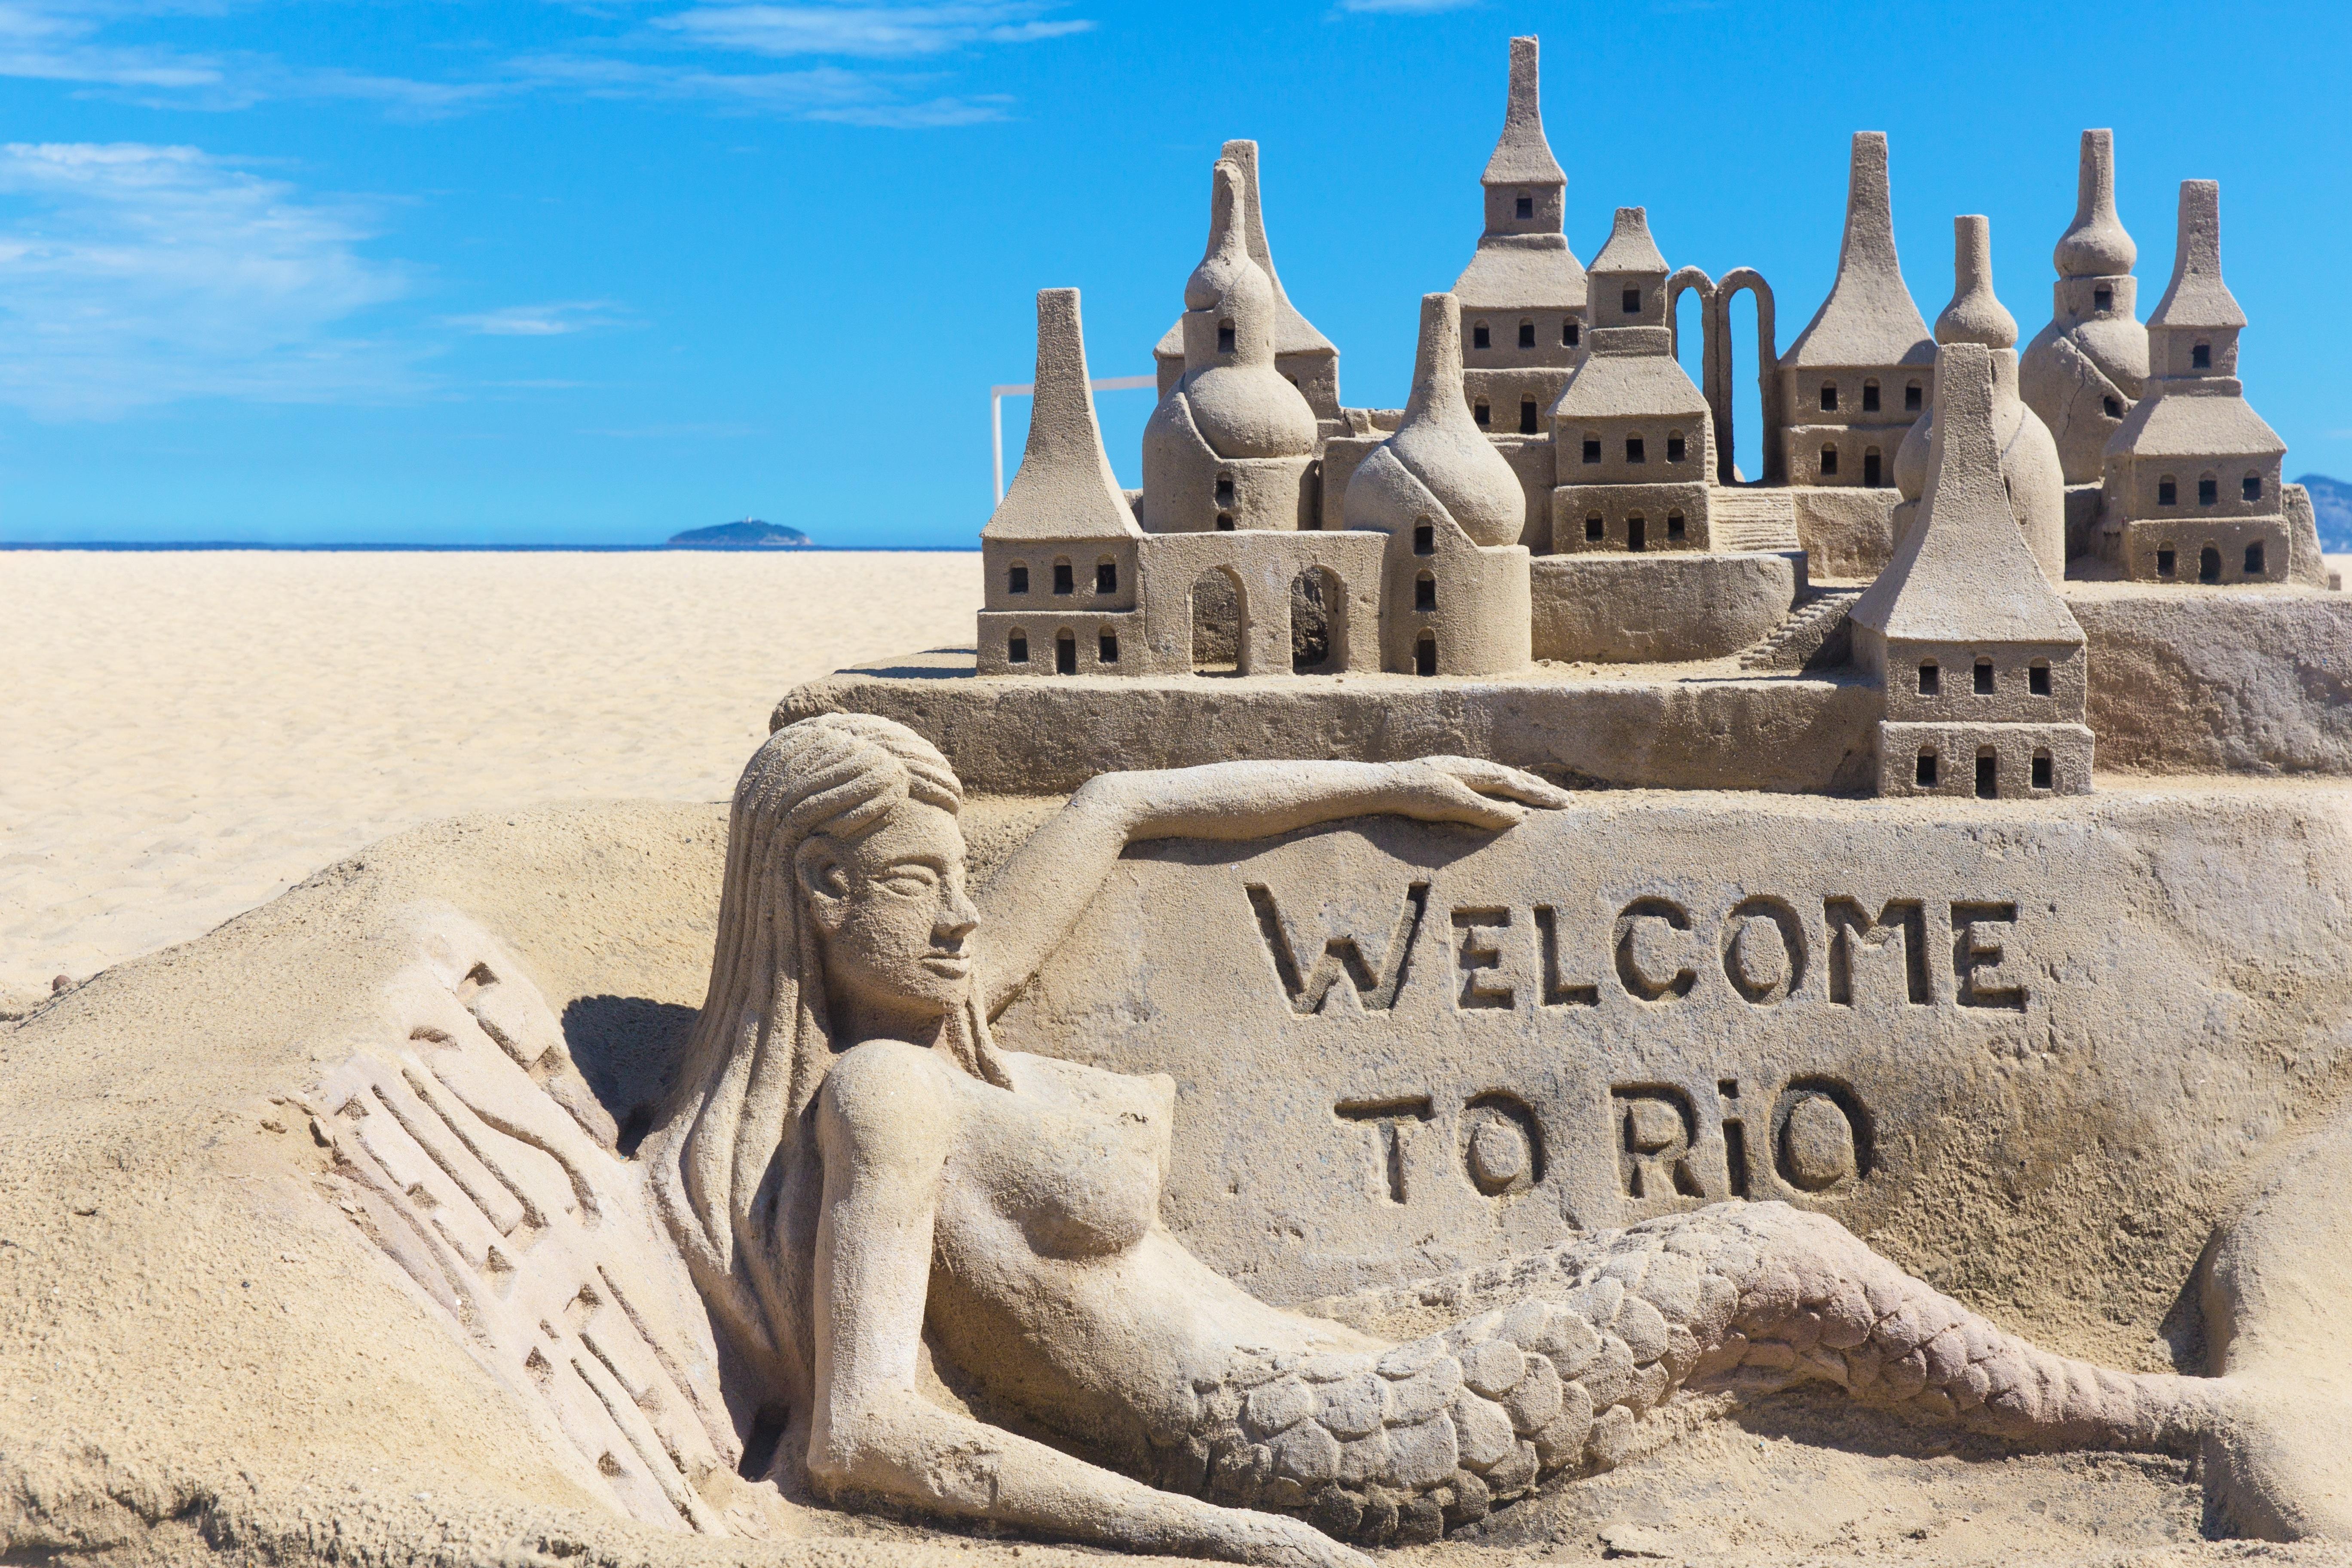 Alakul az olimpia, betiltották a  riói doppinglabort